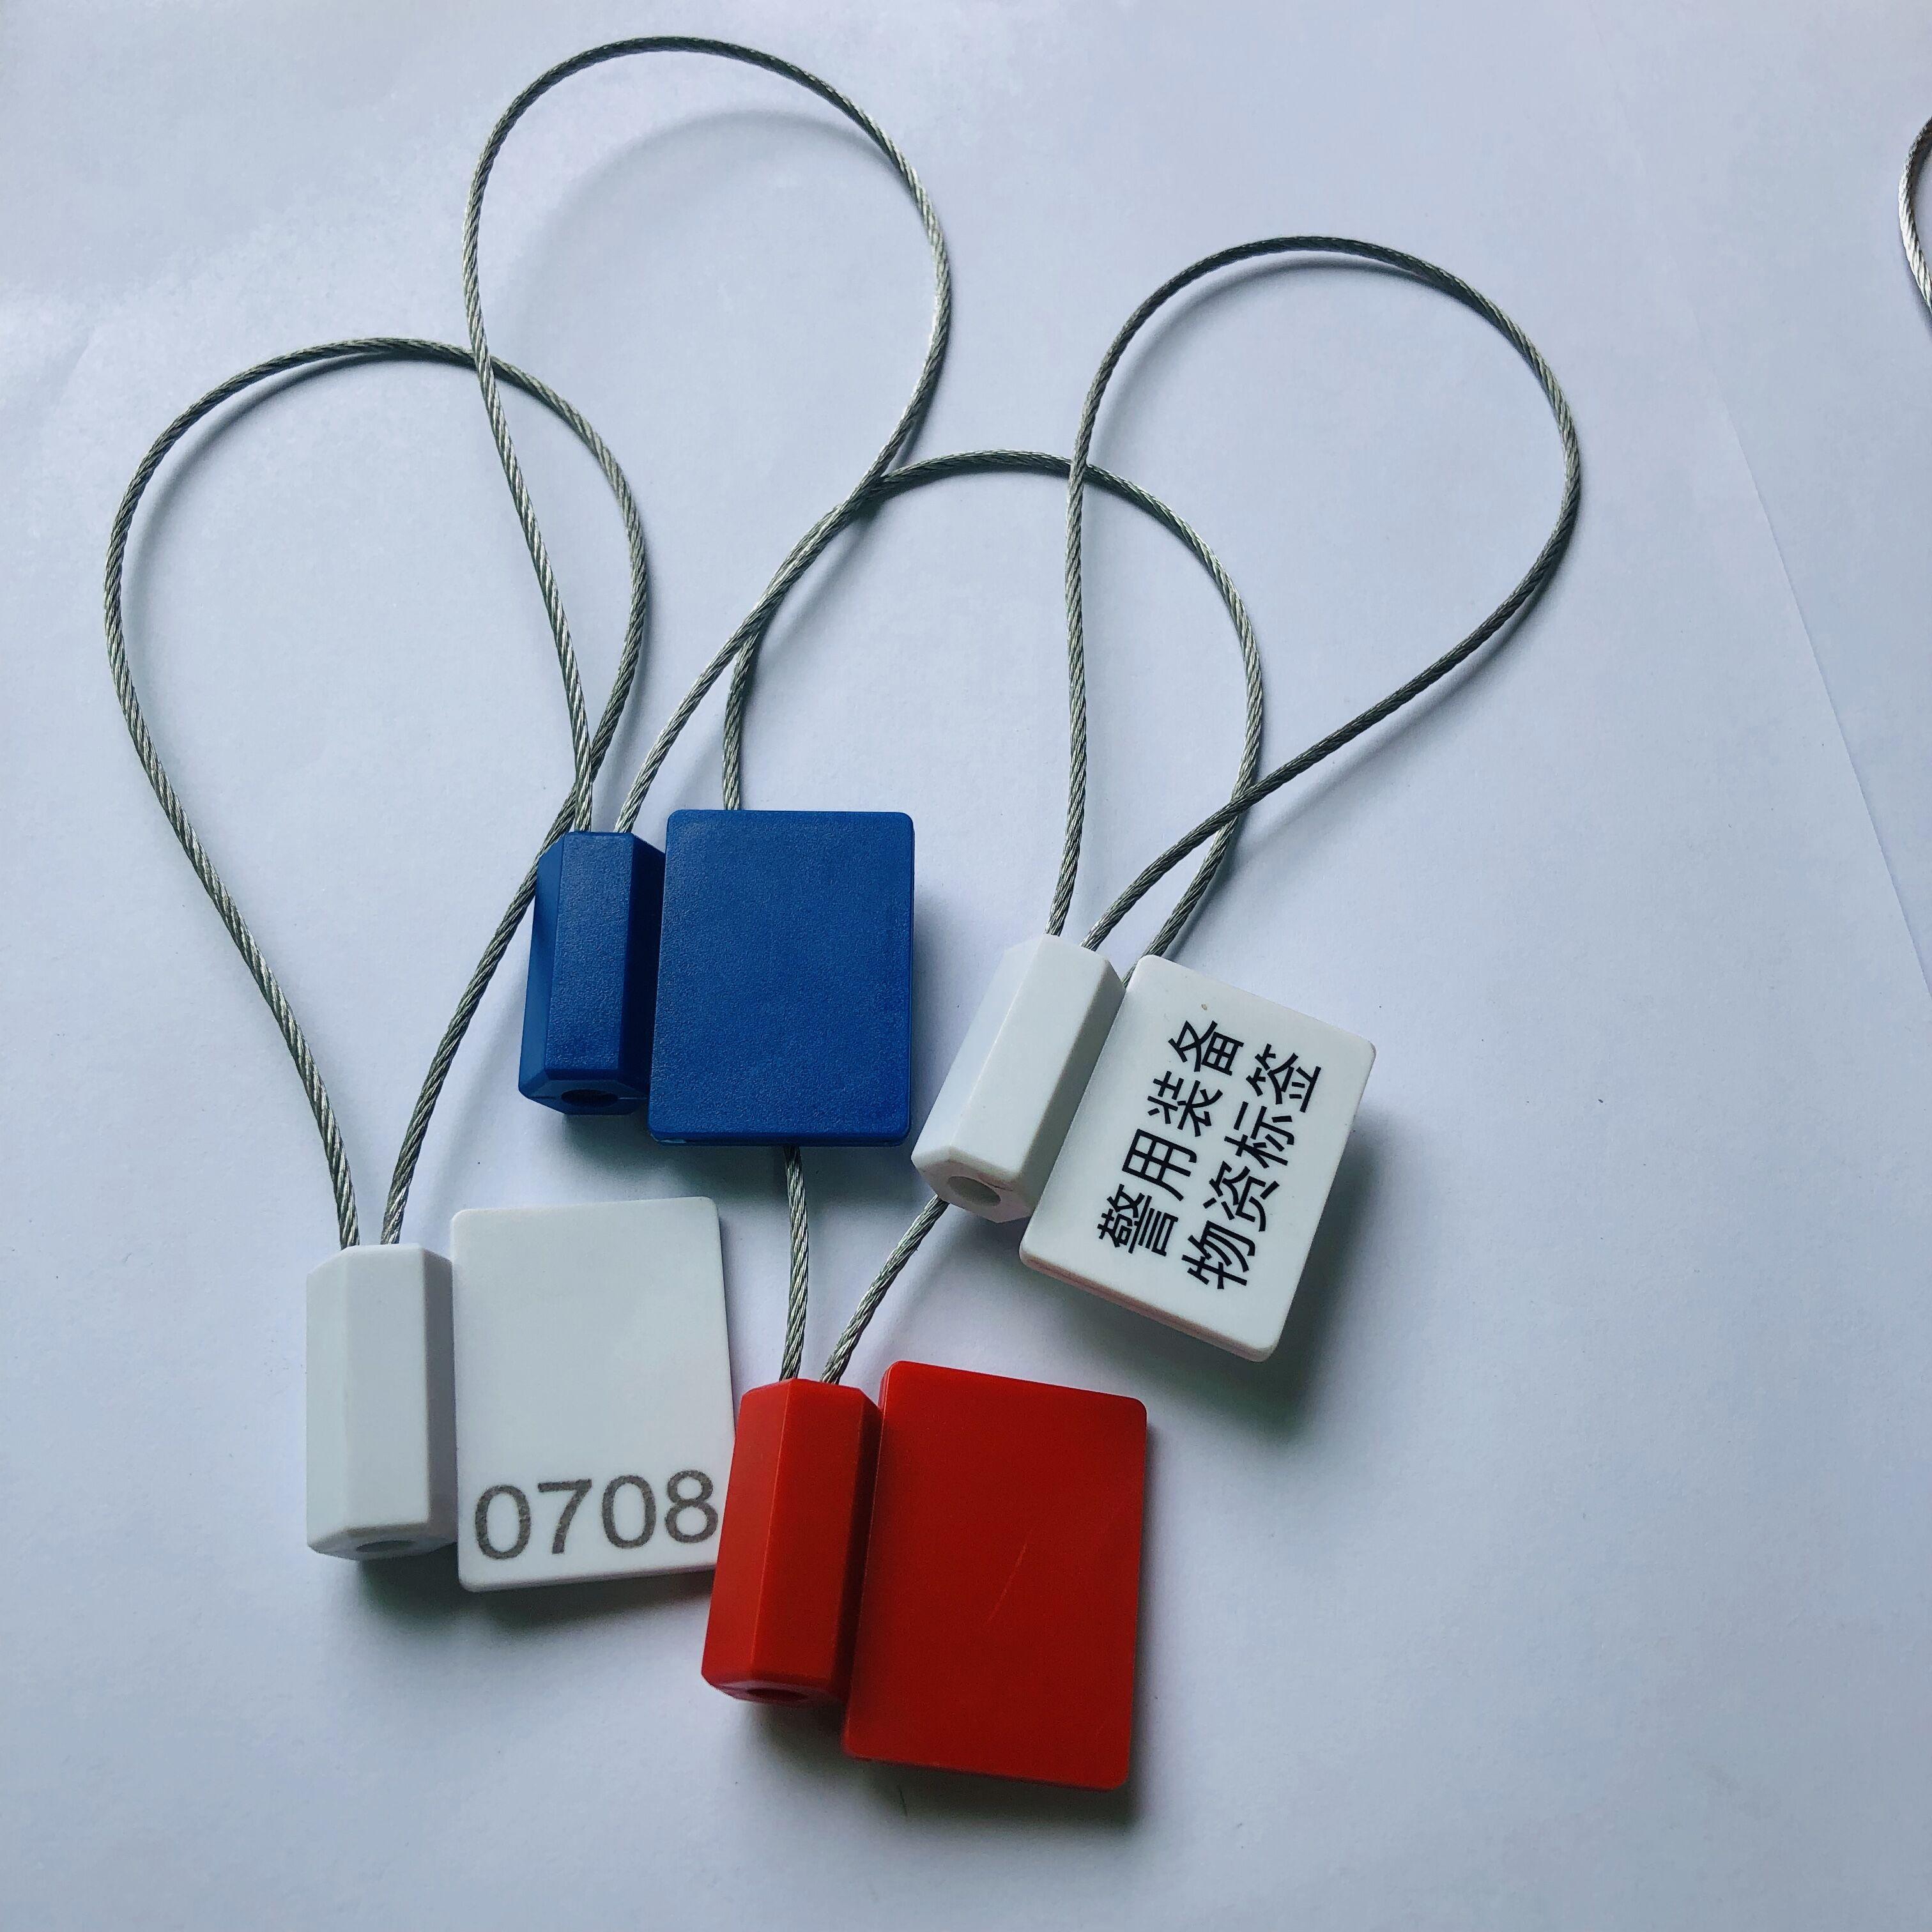 ISO18000-6C/14443A 超高频/高频 ABS 智能 电子铅封